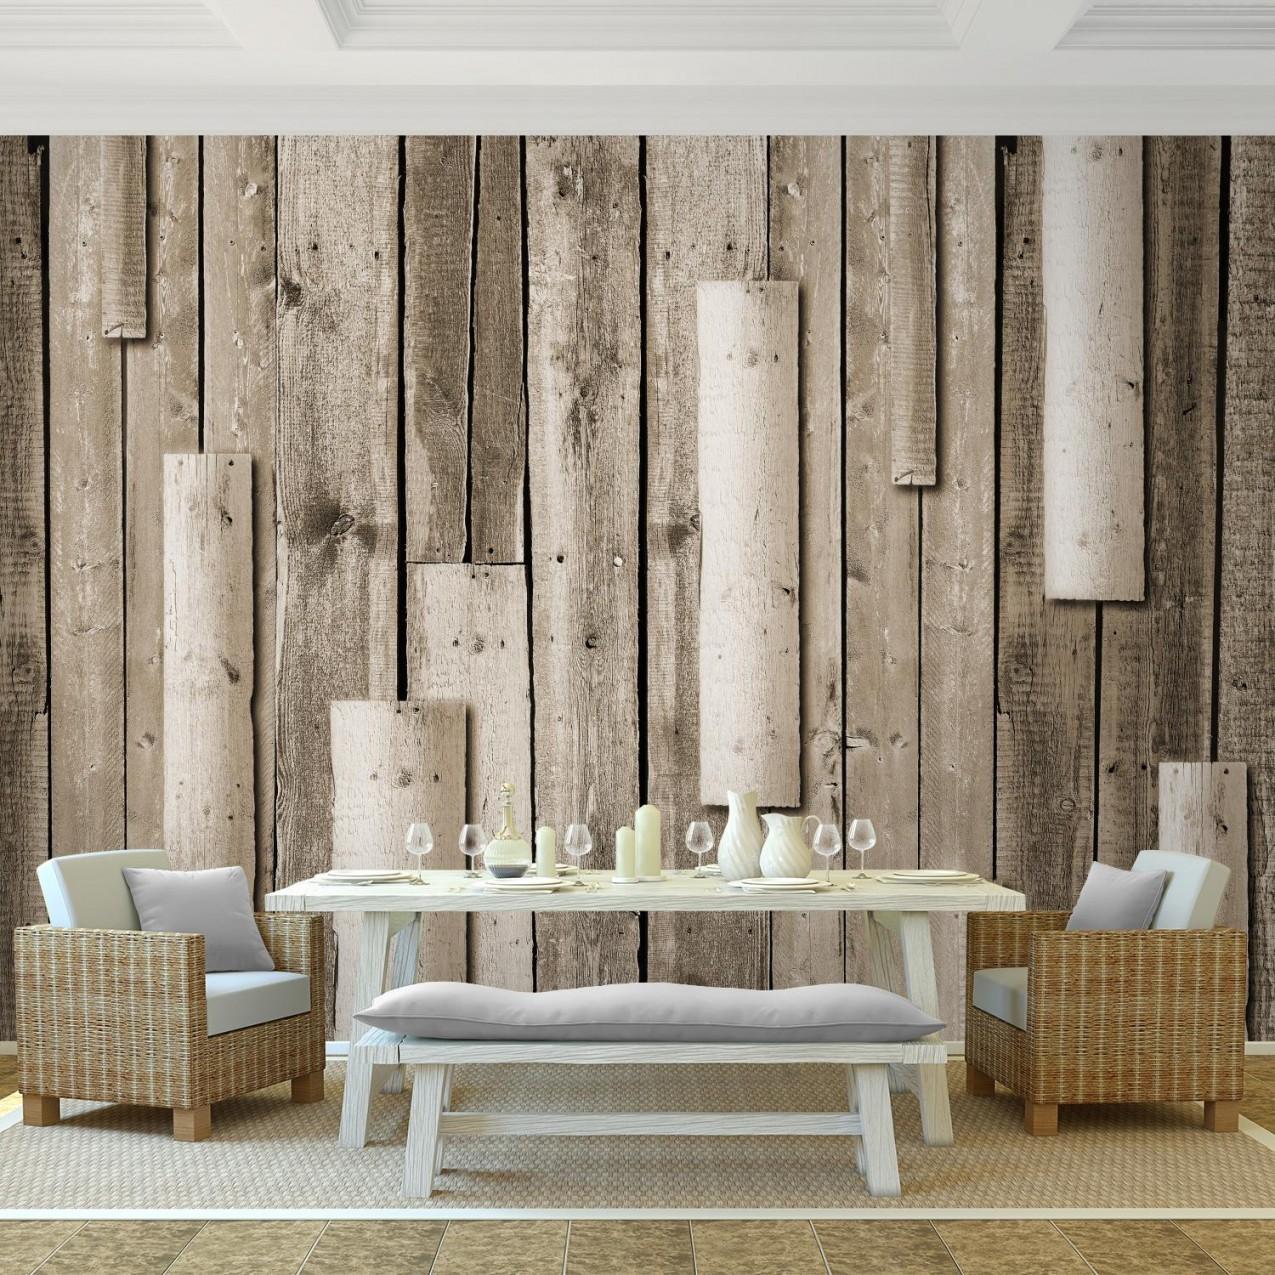 Wand Holz Vlies Foto Wandtapete  Xxl Dekoration Runa 9311Bp von Holz Dekoration Wand Photo